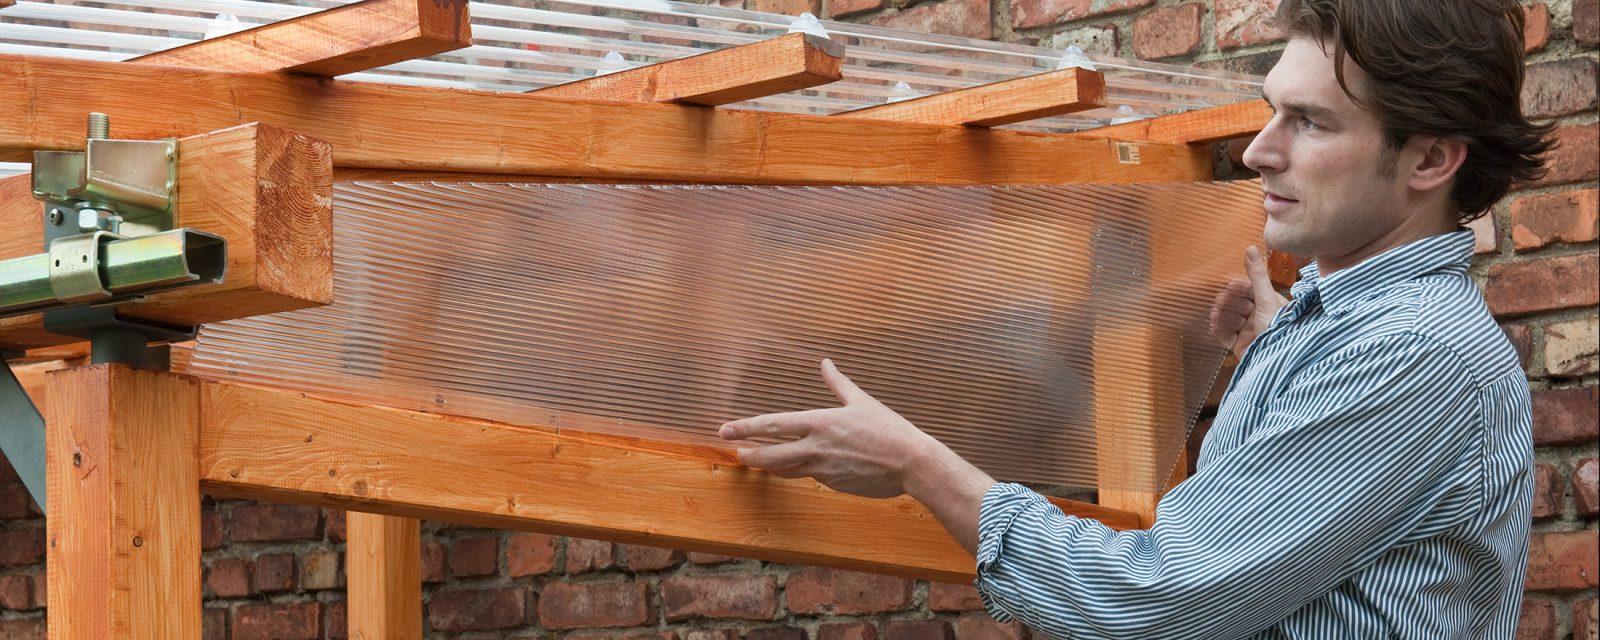 Überdachung mit Kunststoff Wellplatten